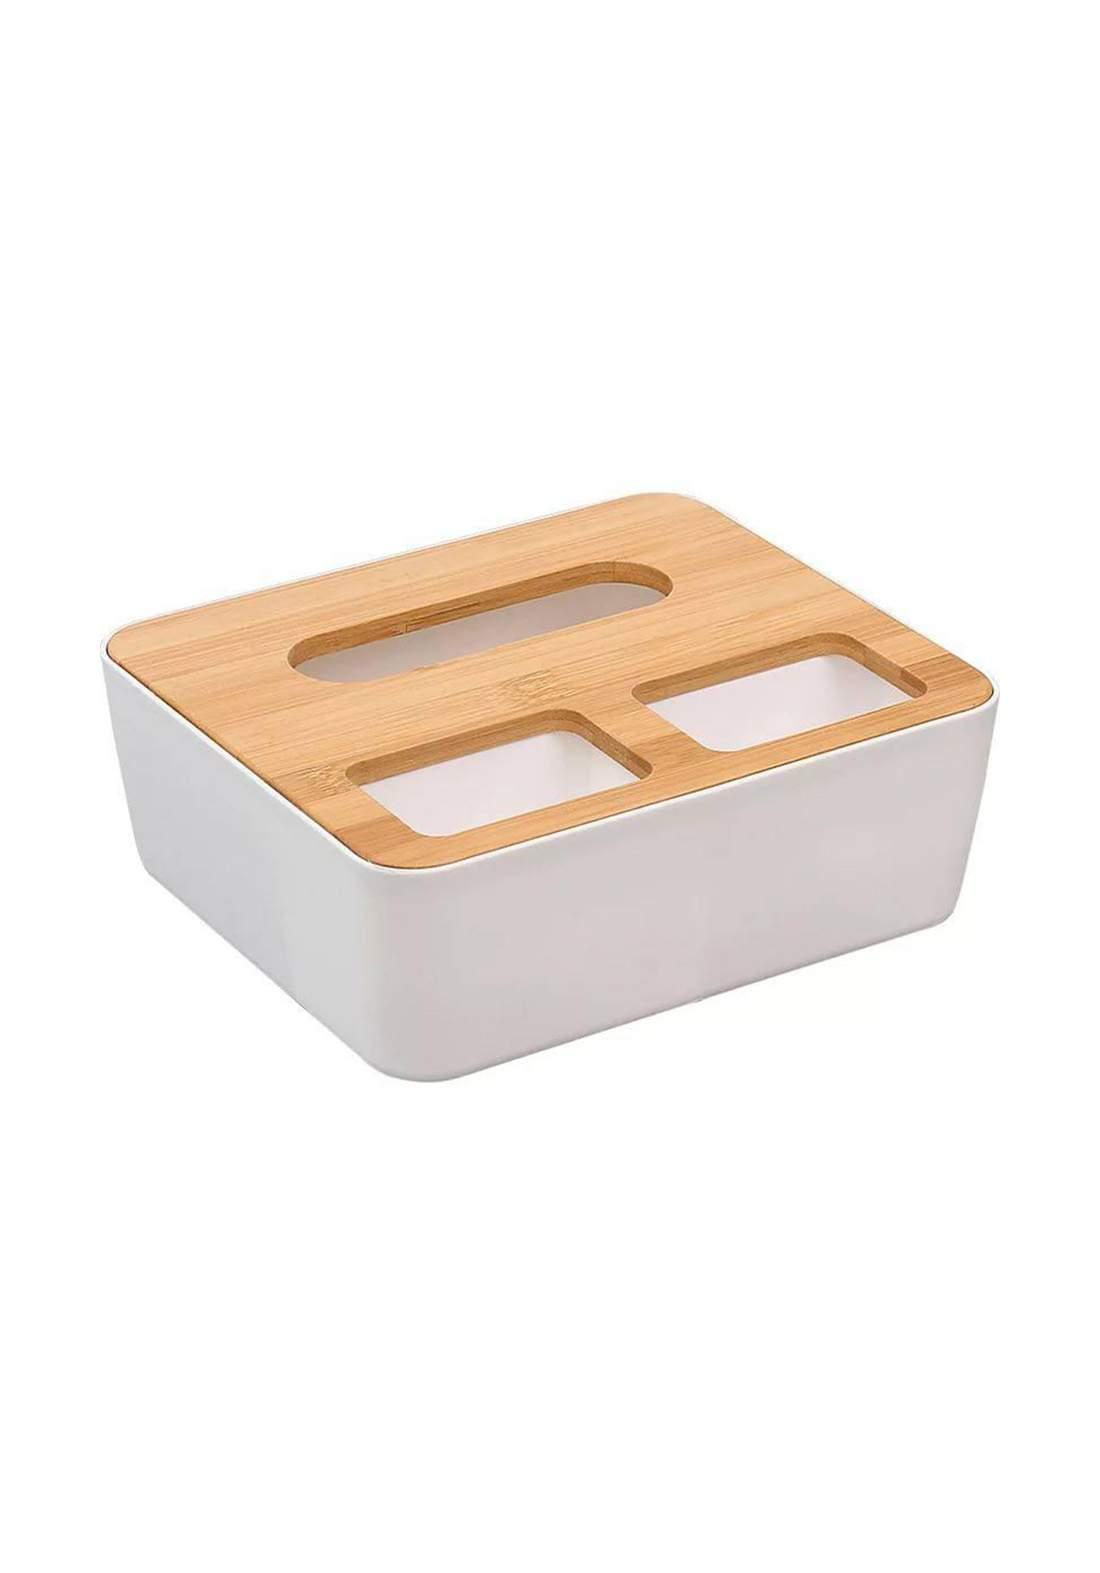 Aokyom Wooden Tissue Holder حامل مناديل متعدد الأستخدام